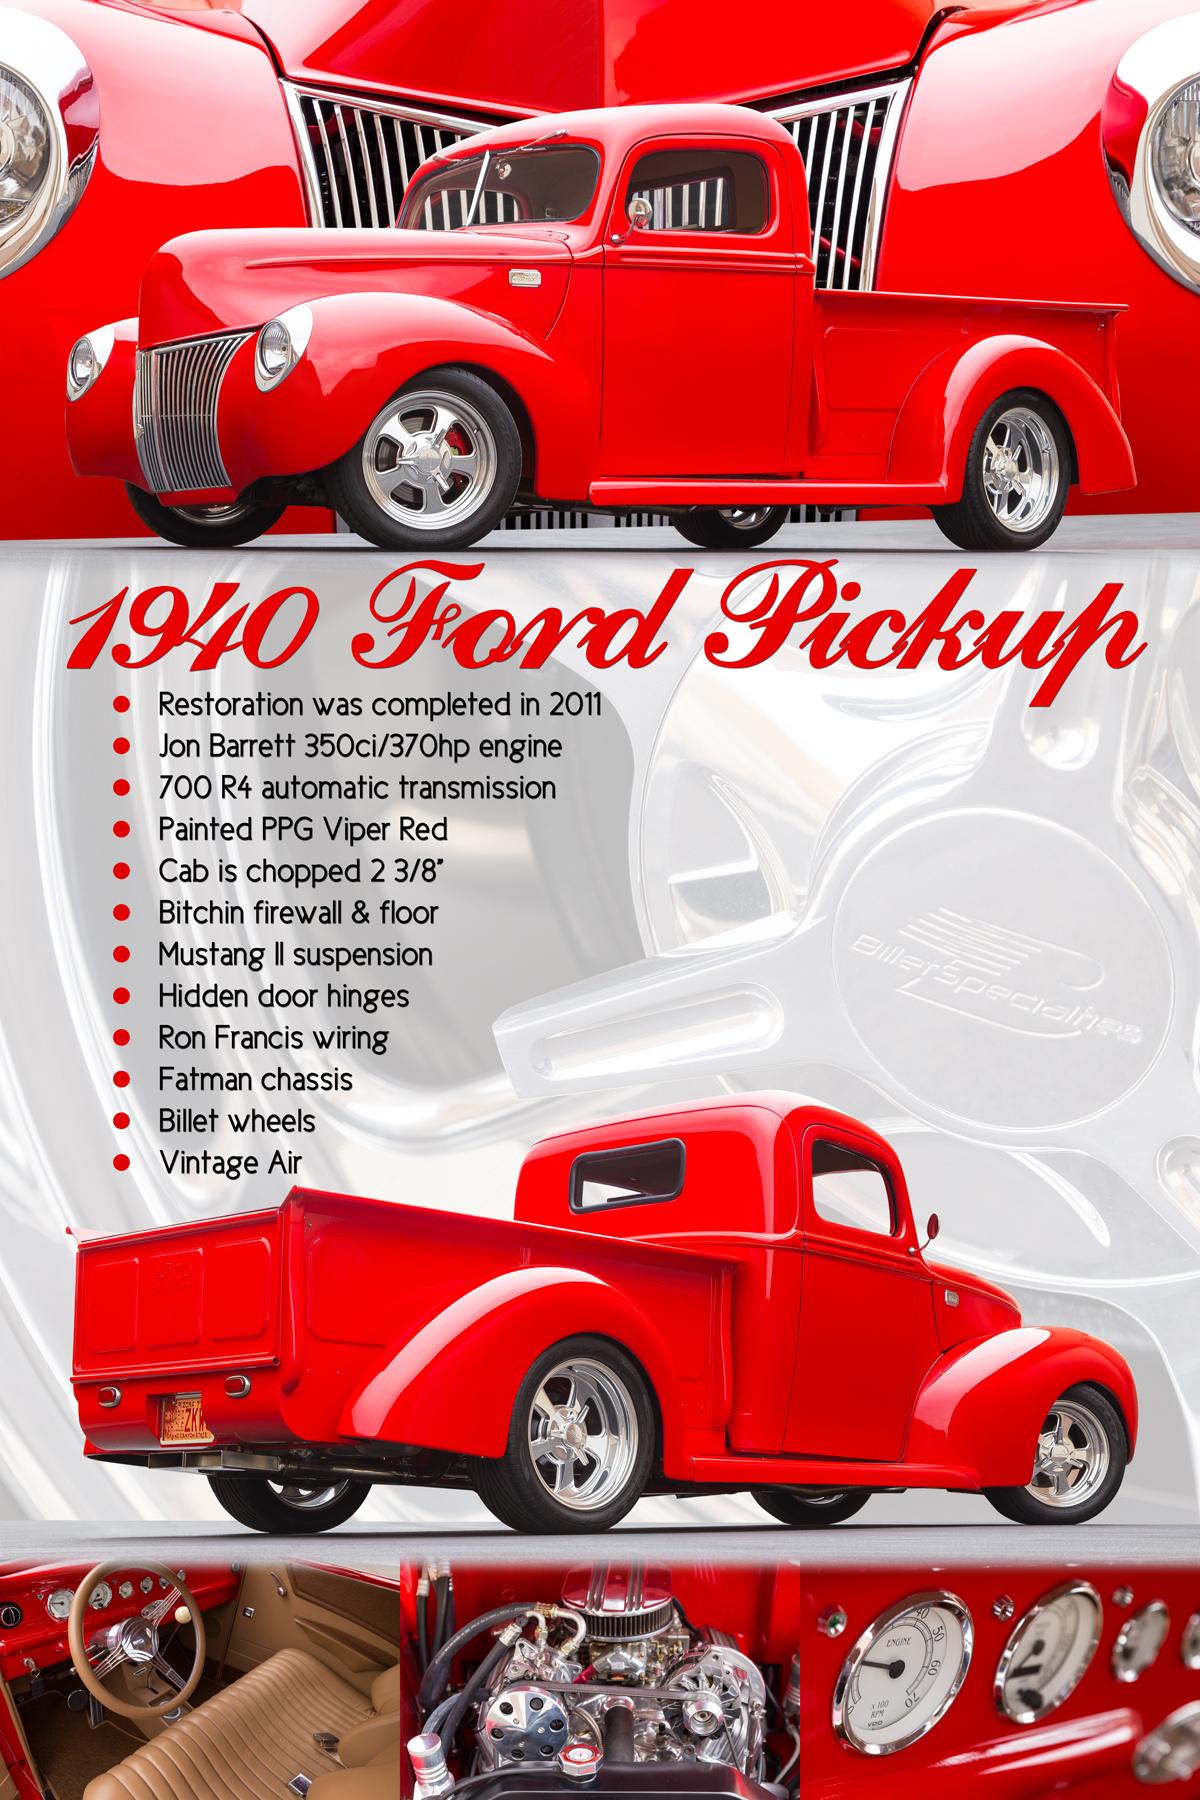 Fordtruckredpr